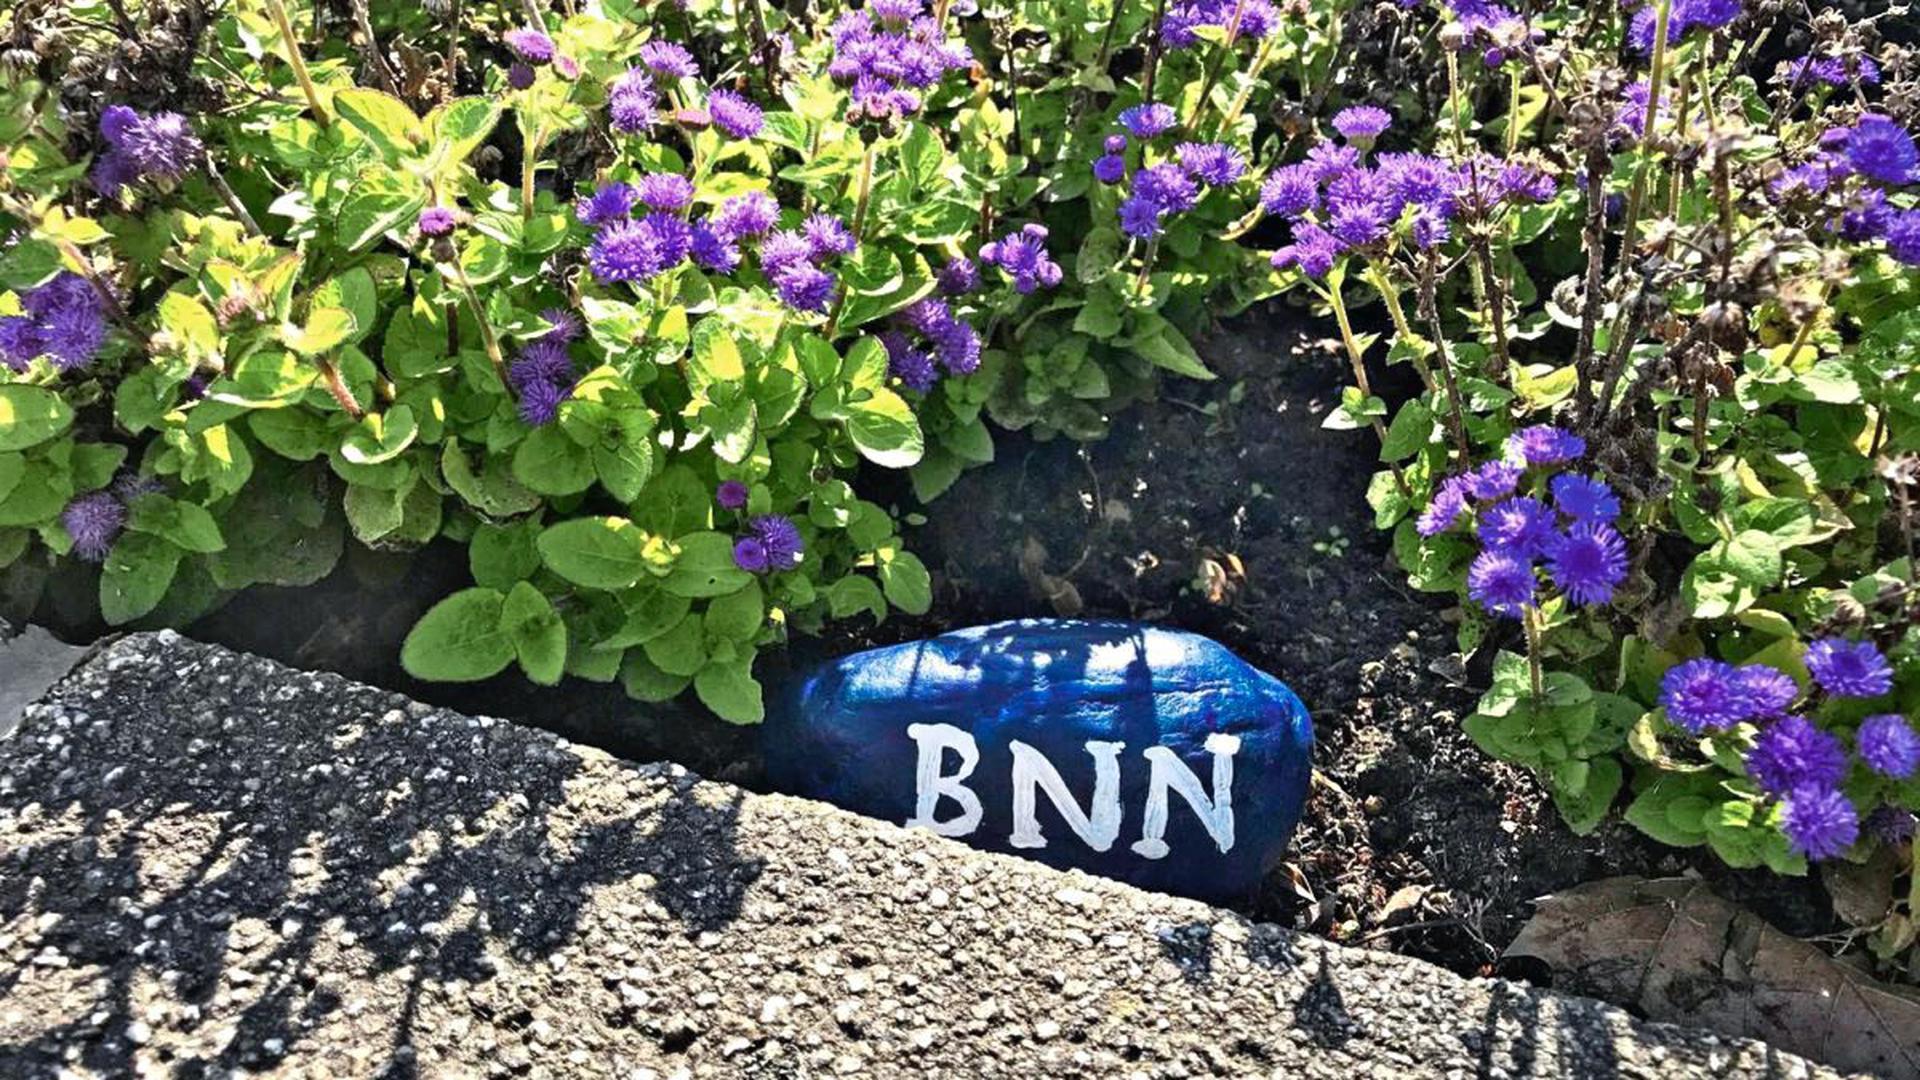 """Der BNN-Stein wartet darauf, gefunden zu werden. Wer Glück hat, darf sich vielleicht schon bald über den BNN-Bildband """"Der Karlsruher Zoo"""" freuen."""